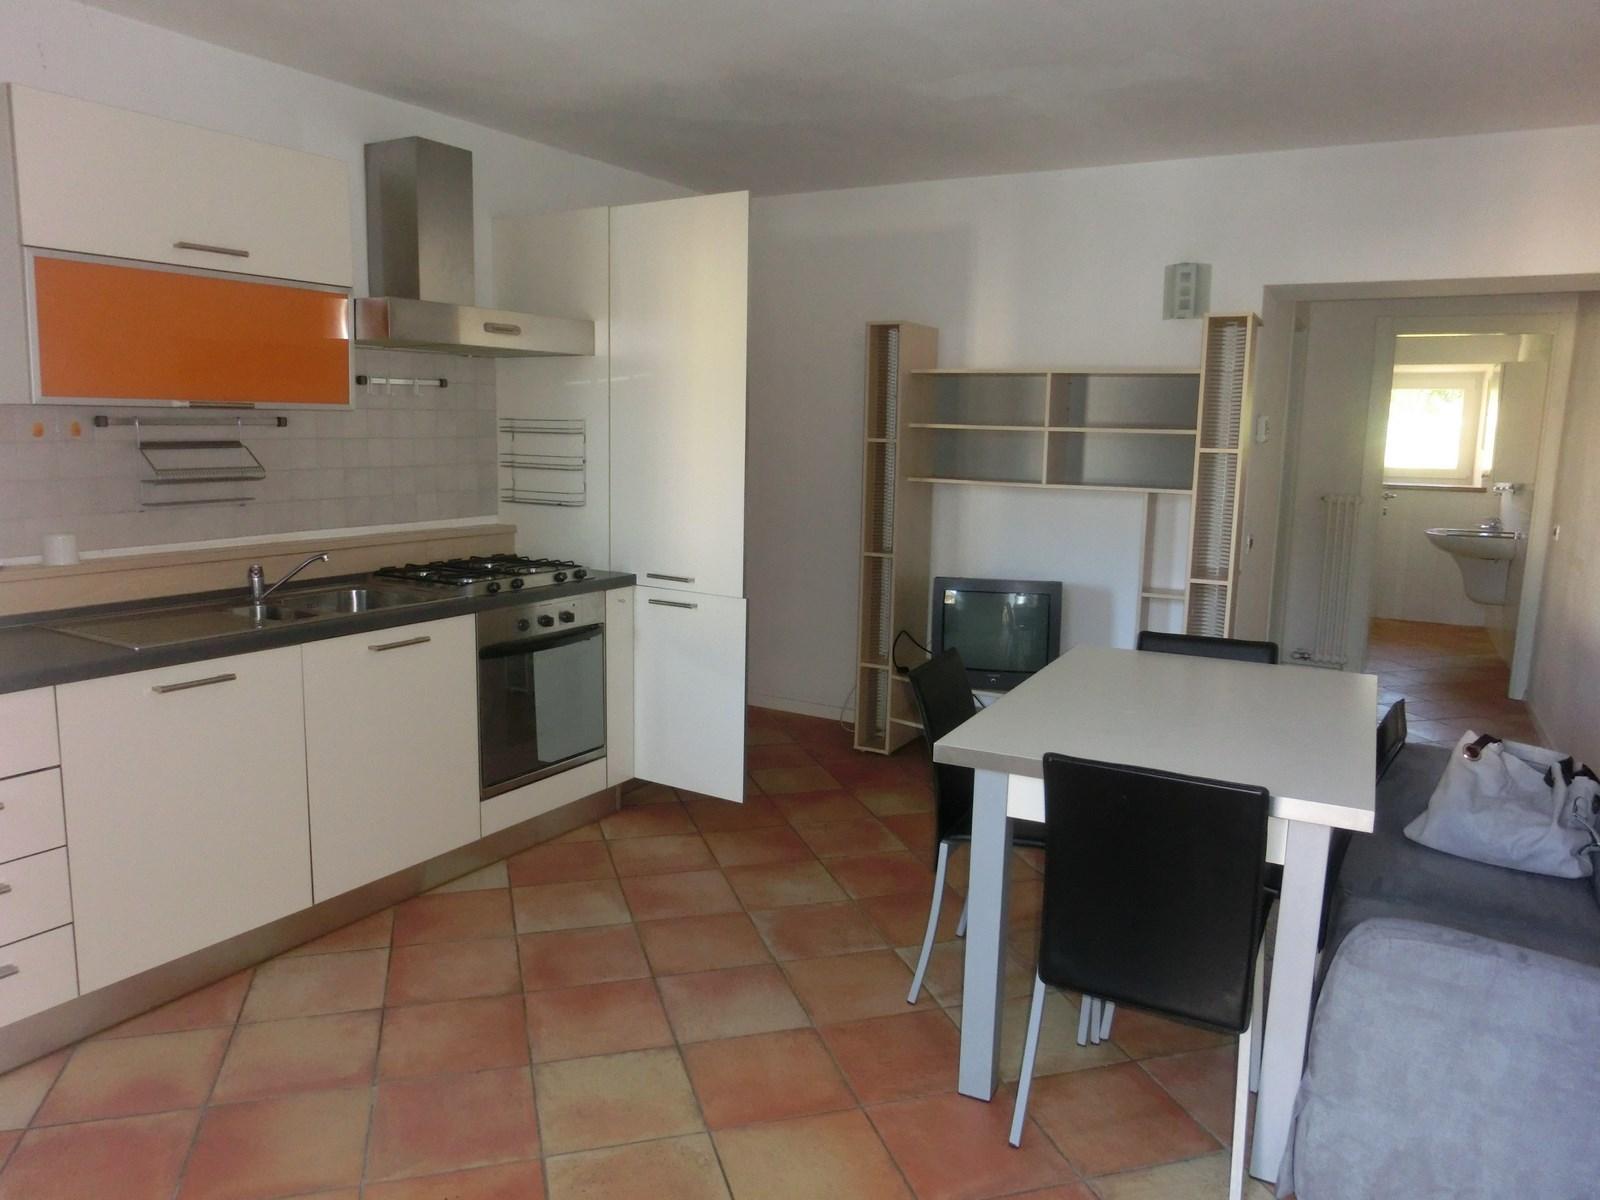 Appartamento affitto Baselga Di Pine' (TN) - 50 MQ